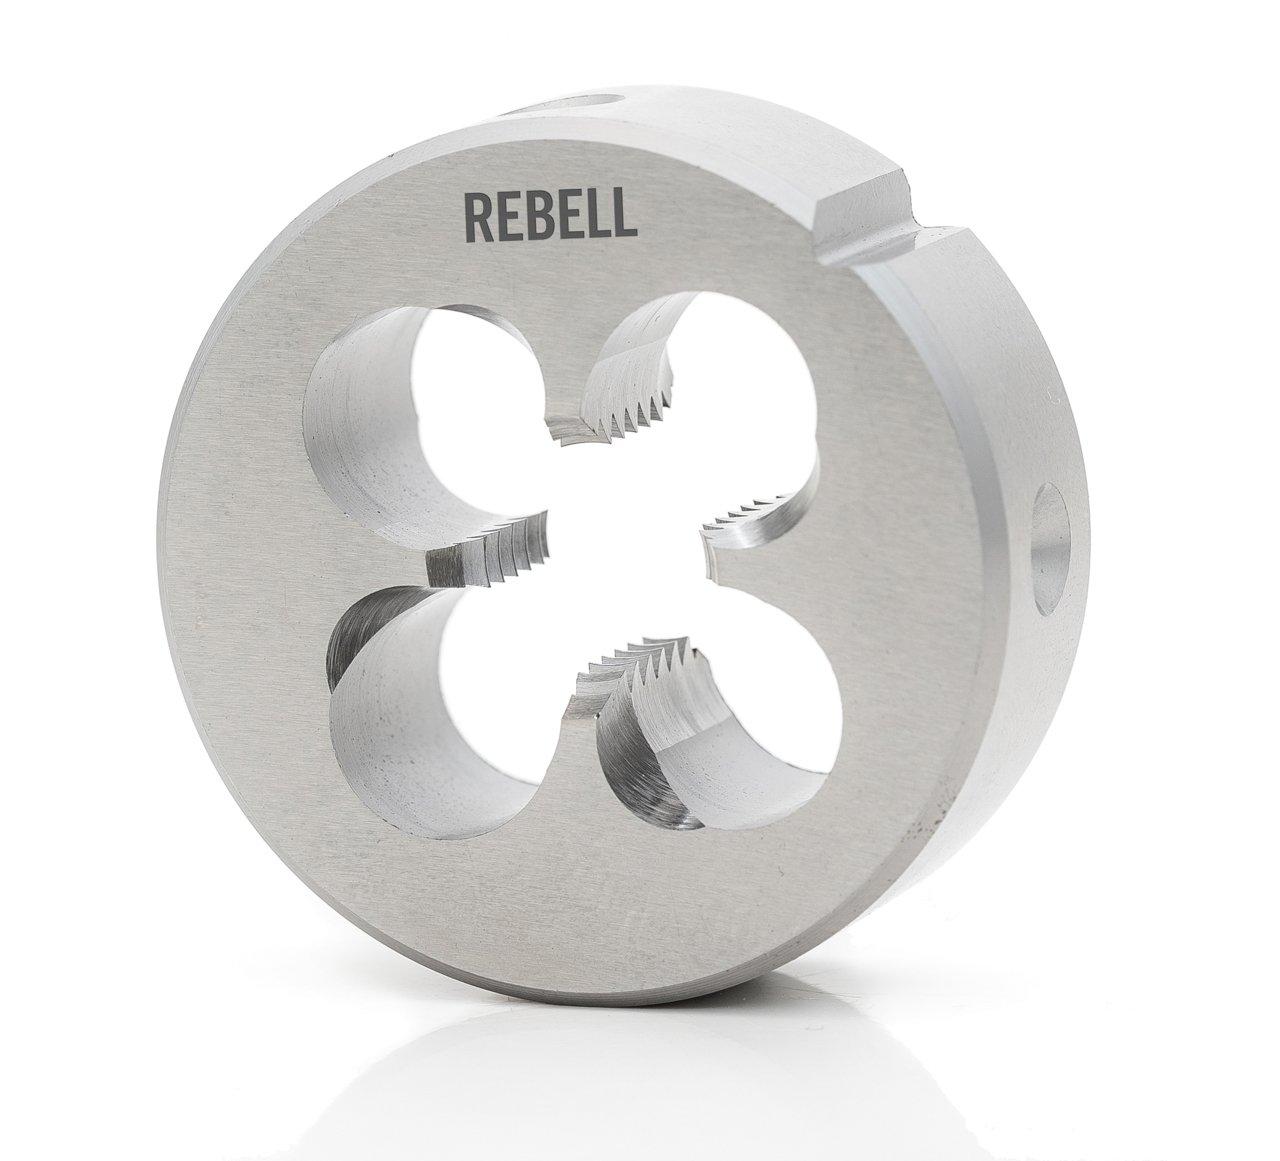 REBELL Schneideisen MF RH 6g HSS - EN 22568 - Typ N